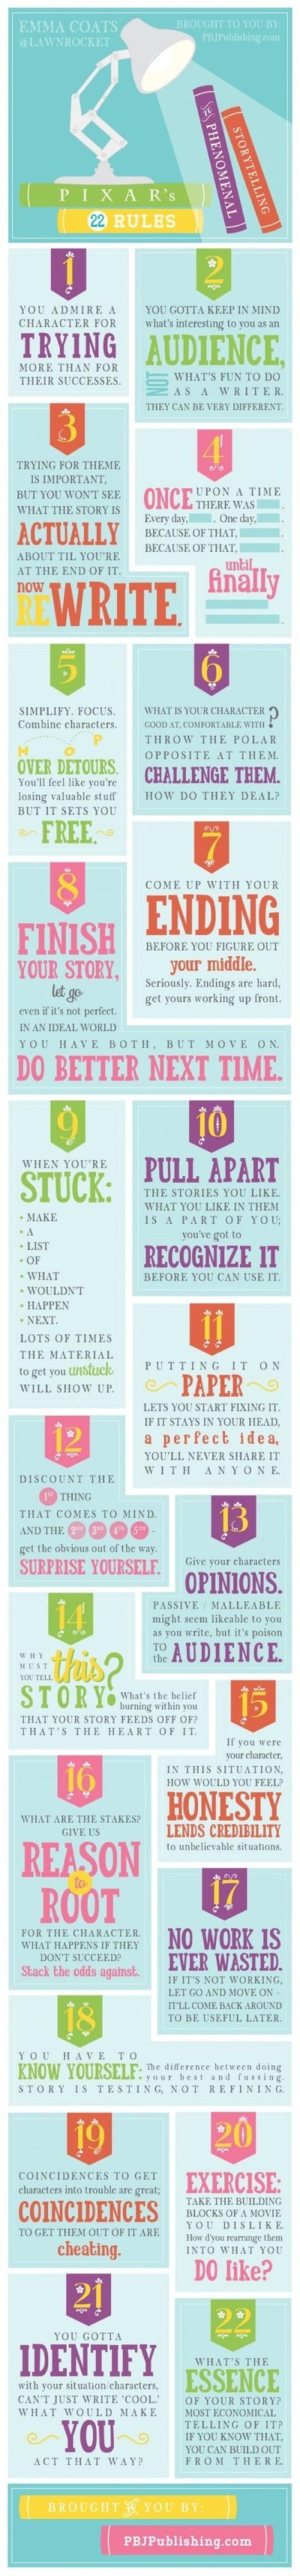 [Infographie] L'art du Storytelling avec la méthode Pixar - TRIBELEADR | entrepreneurship - collective creativity | Scoop.it